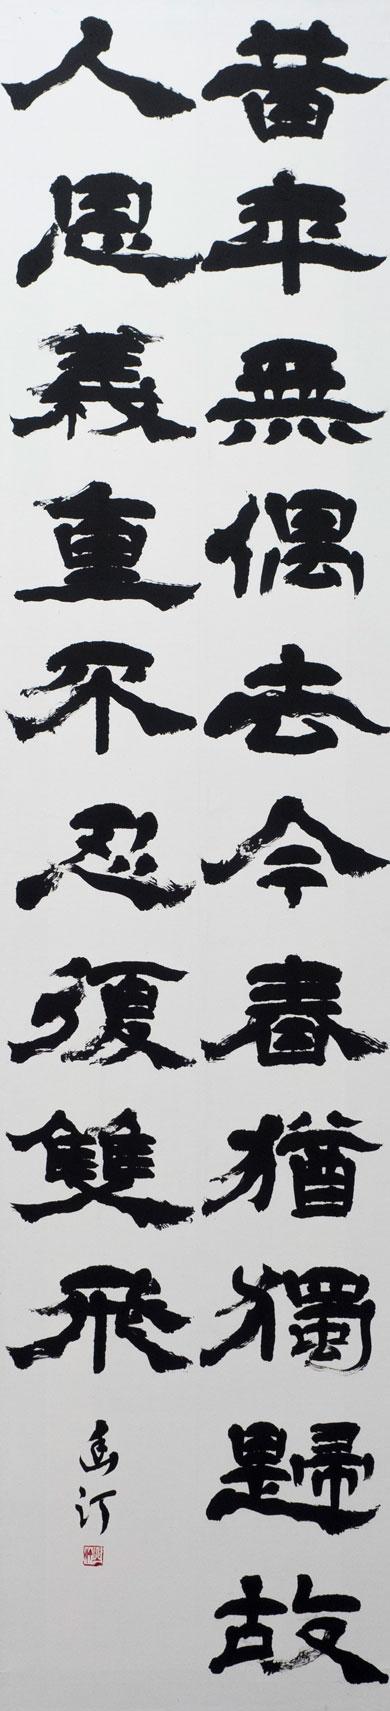 2017-jp-shodo-inspiration-553.jpg